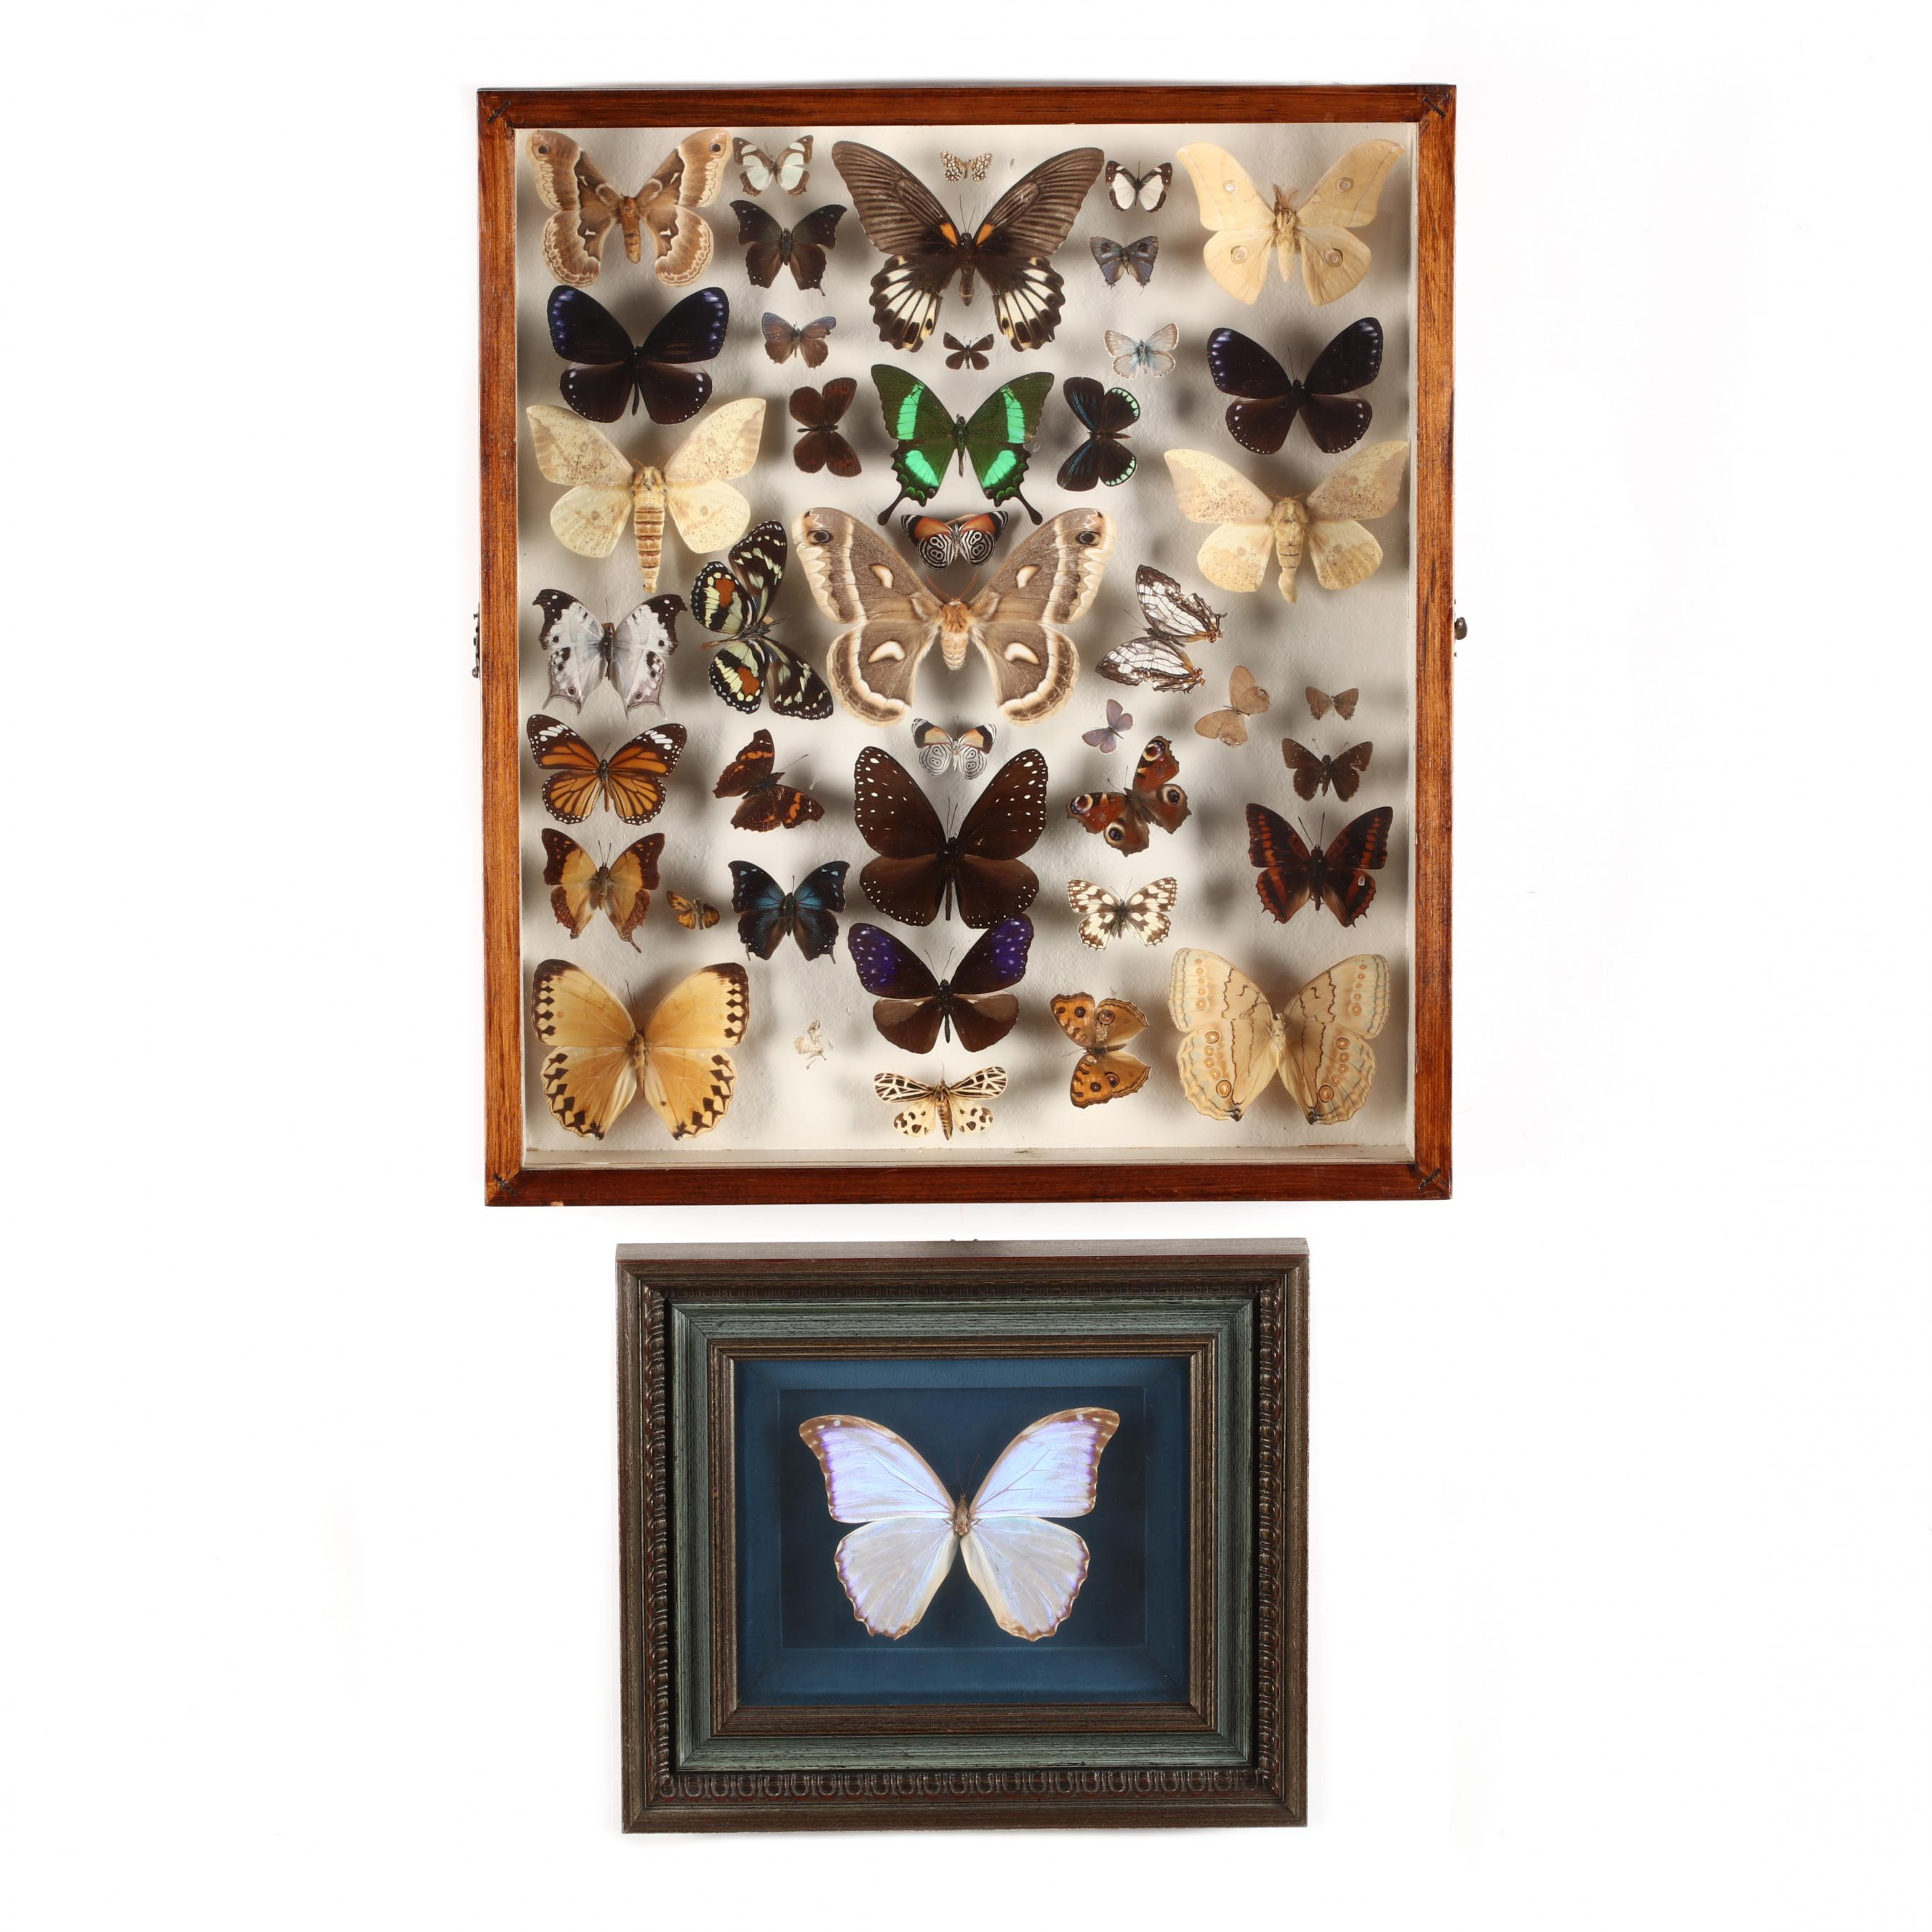 framed-butterfly-specimens